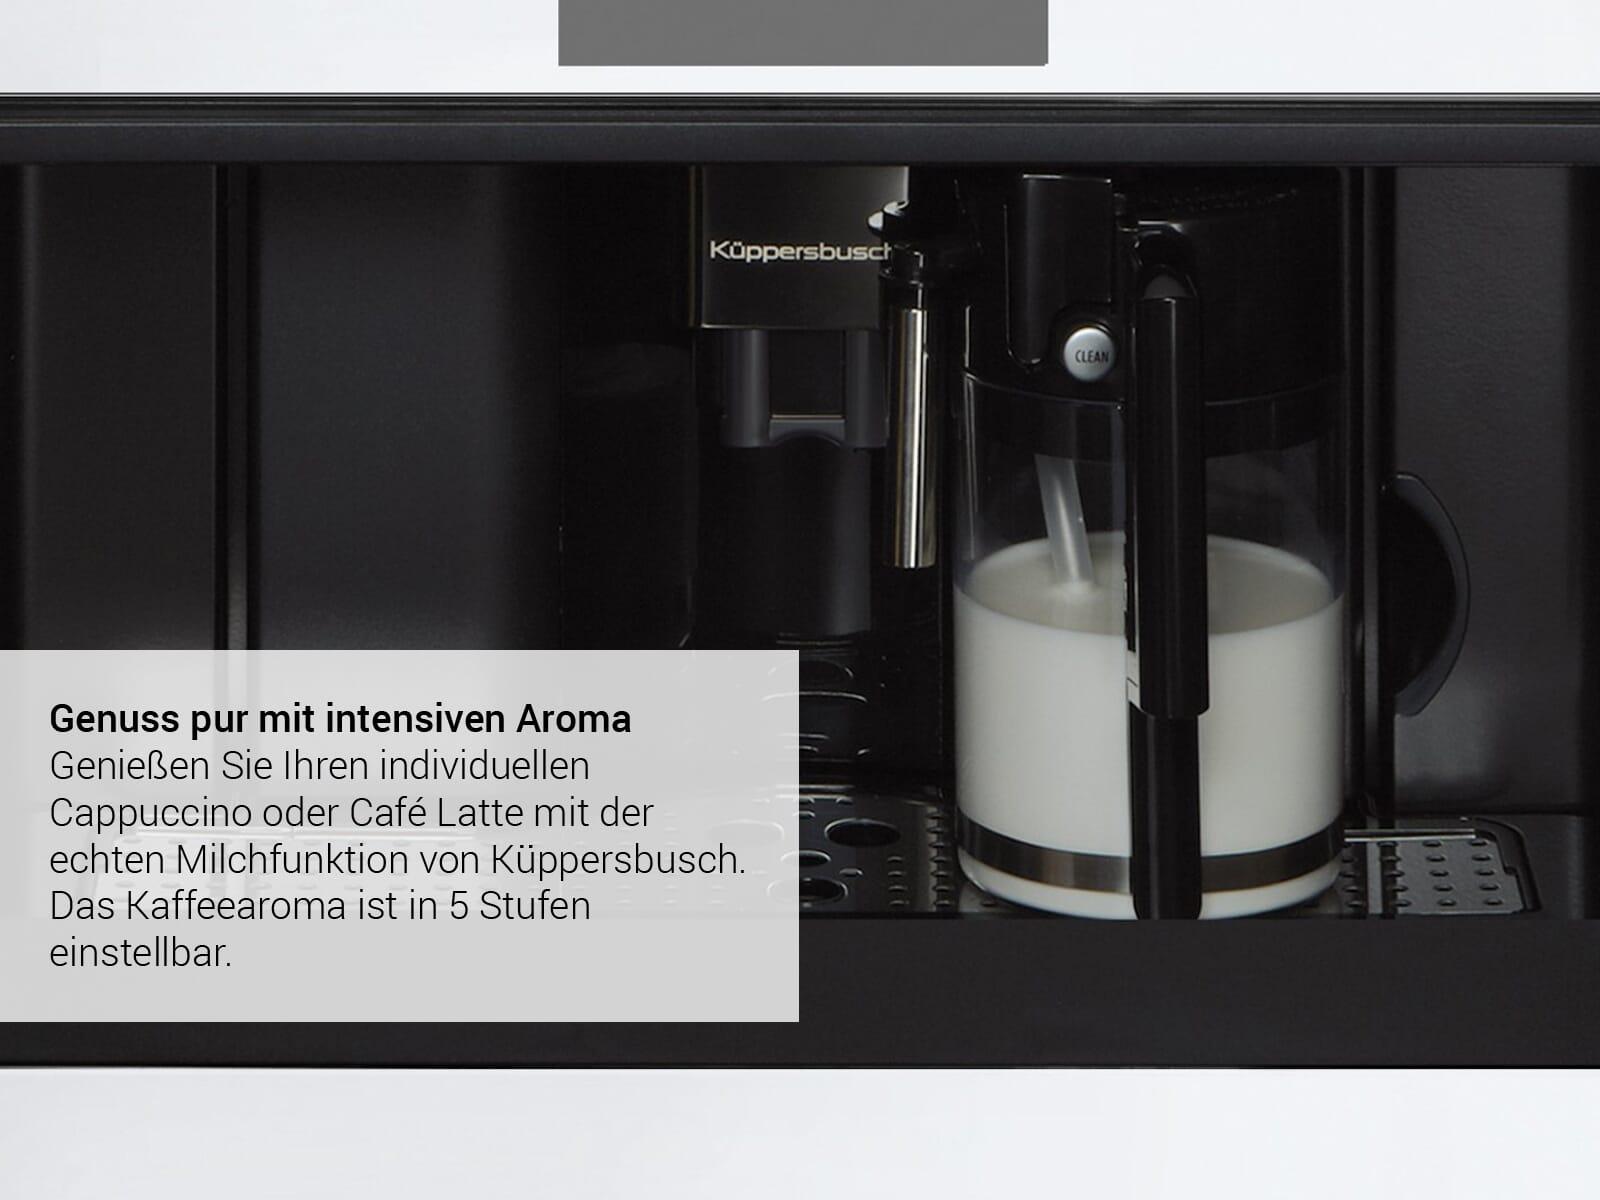 Küppersbusch CKV 6550.0 S8 K-Series. 5 Einbau-Espresso-/Kaffeevollautomat Schwarz/Hot Chili